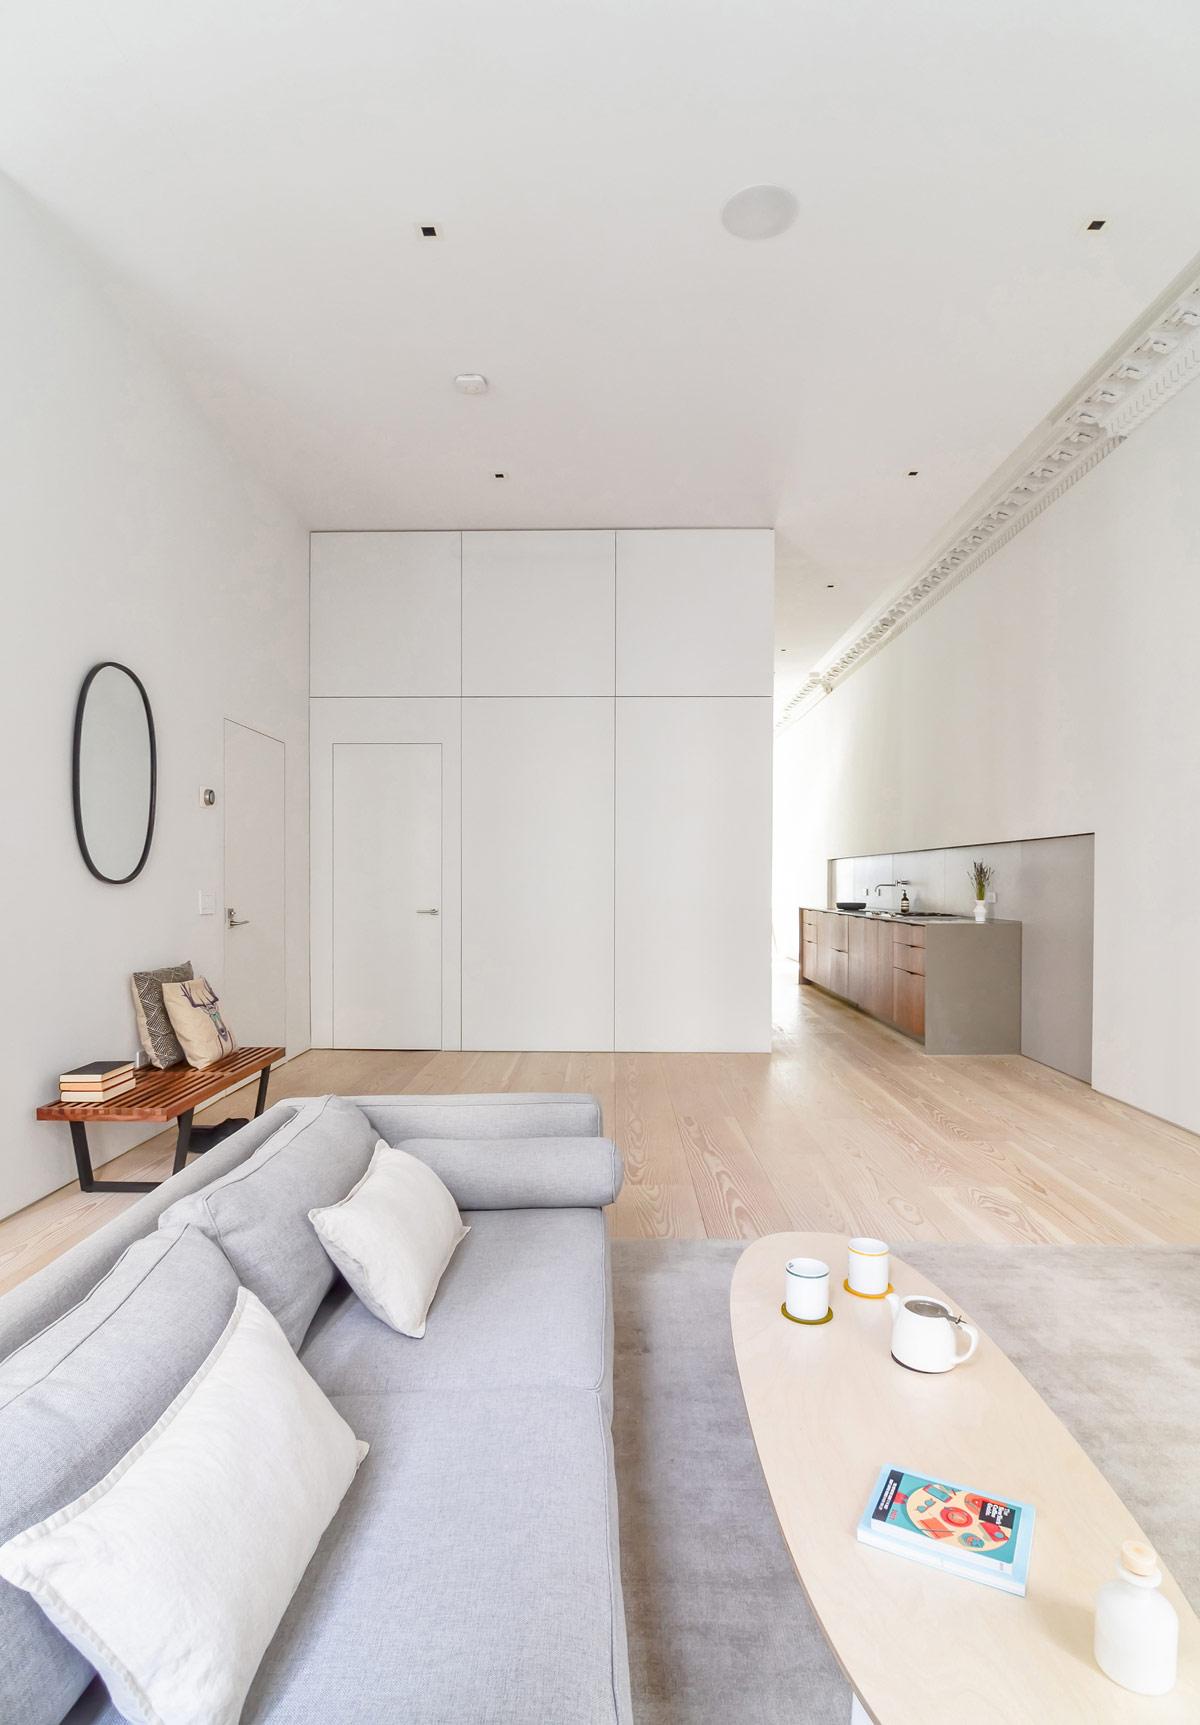 """Dành cho ai có cuộc sống xô bồ, bận rộn: Một không gian sống kết hợp từ bộ đôi """"Scandinavia và sự tối giản của người Nhật"""" sẽ khiến bạn phải vỗ tay hài lòng - Ảnh 3."""